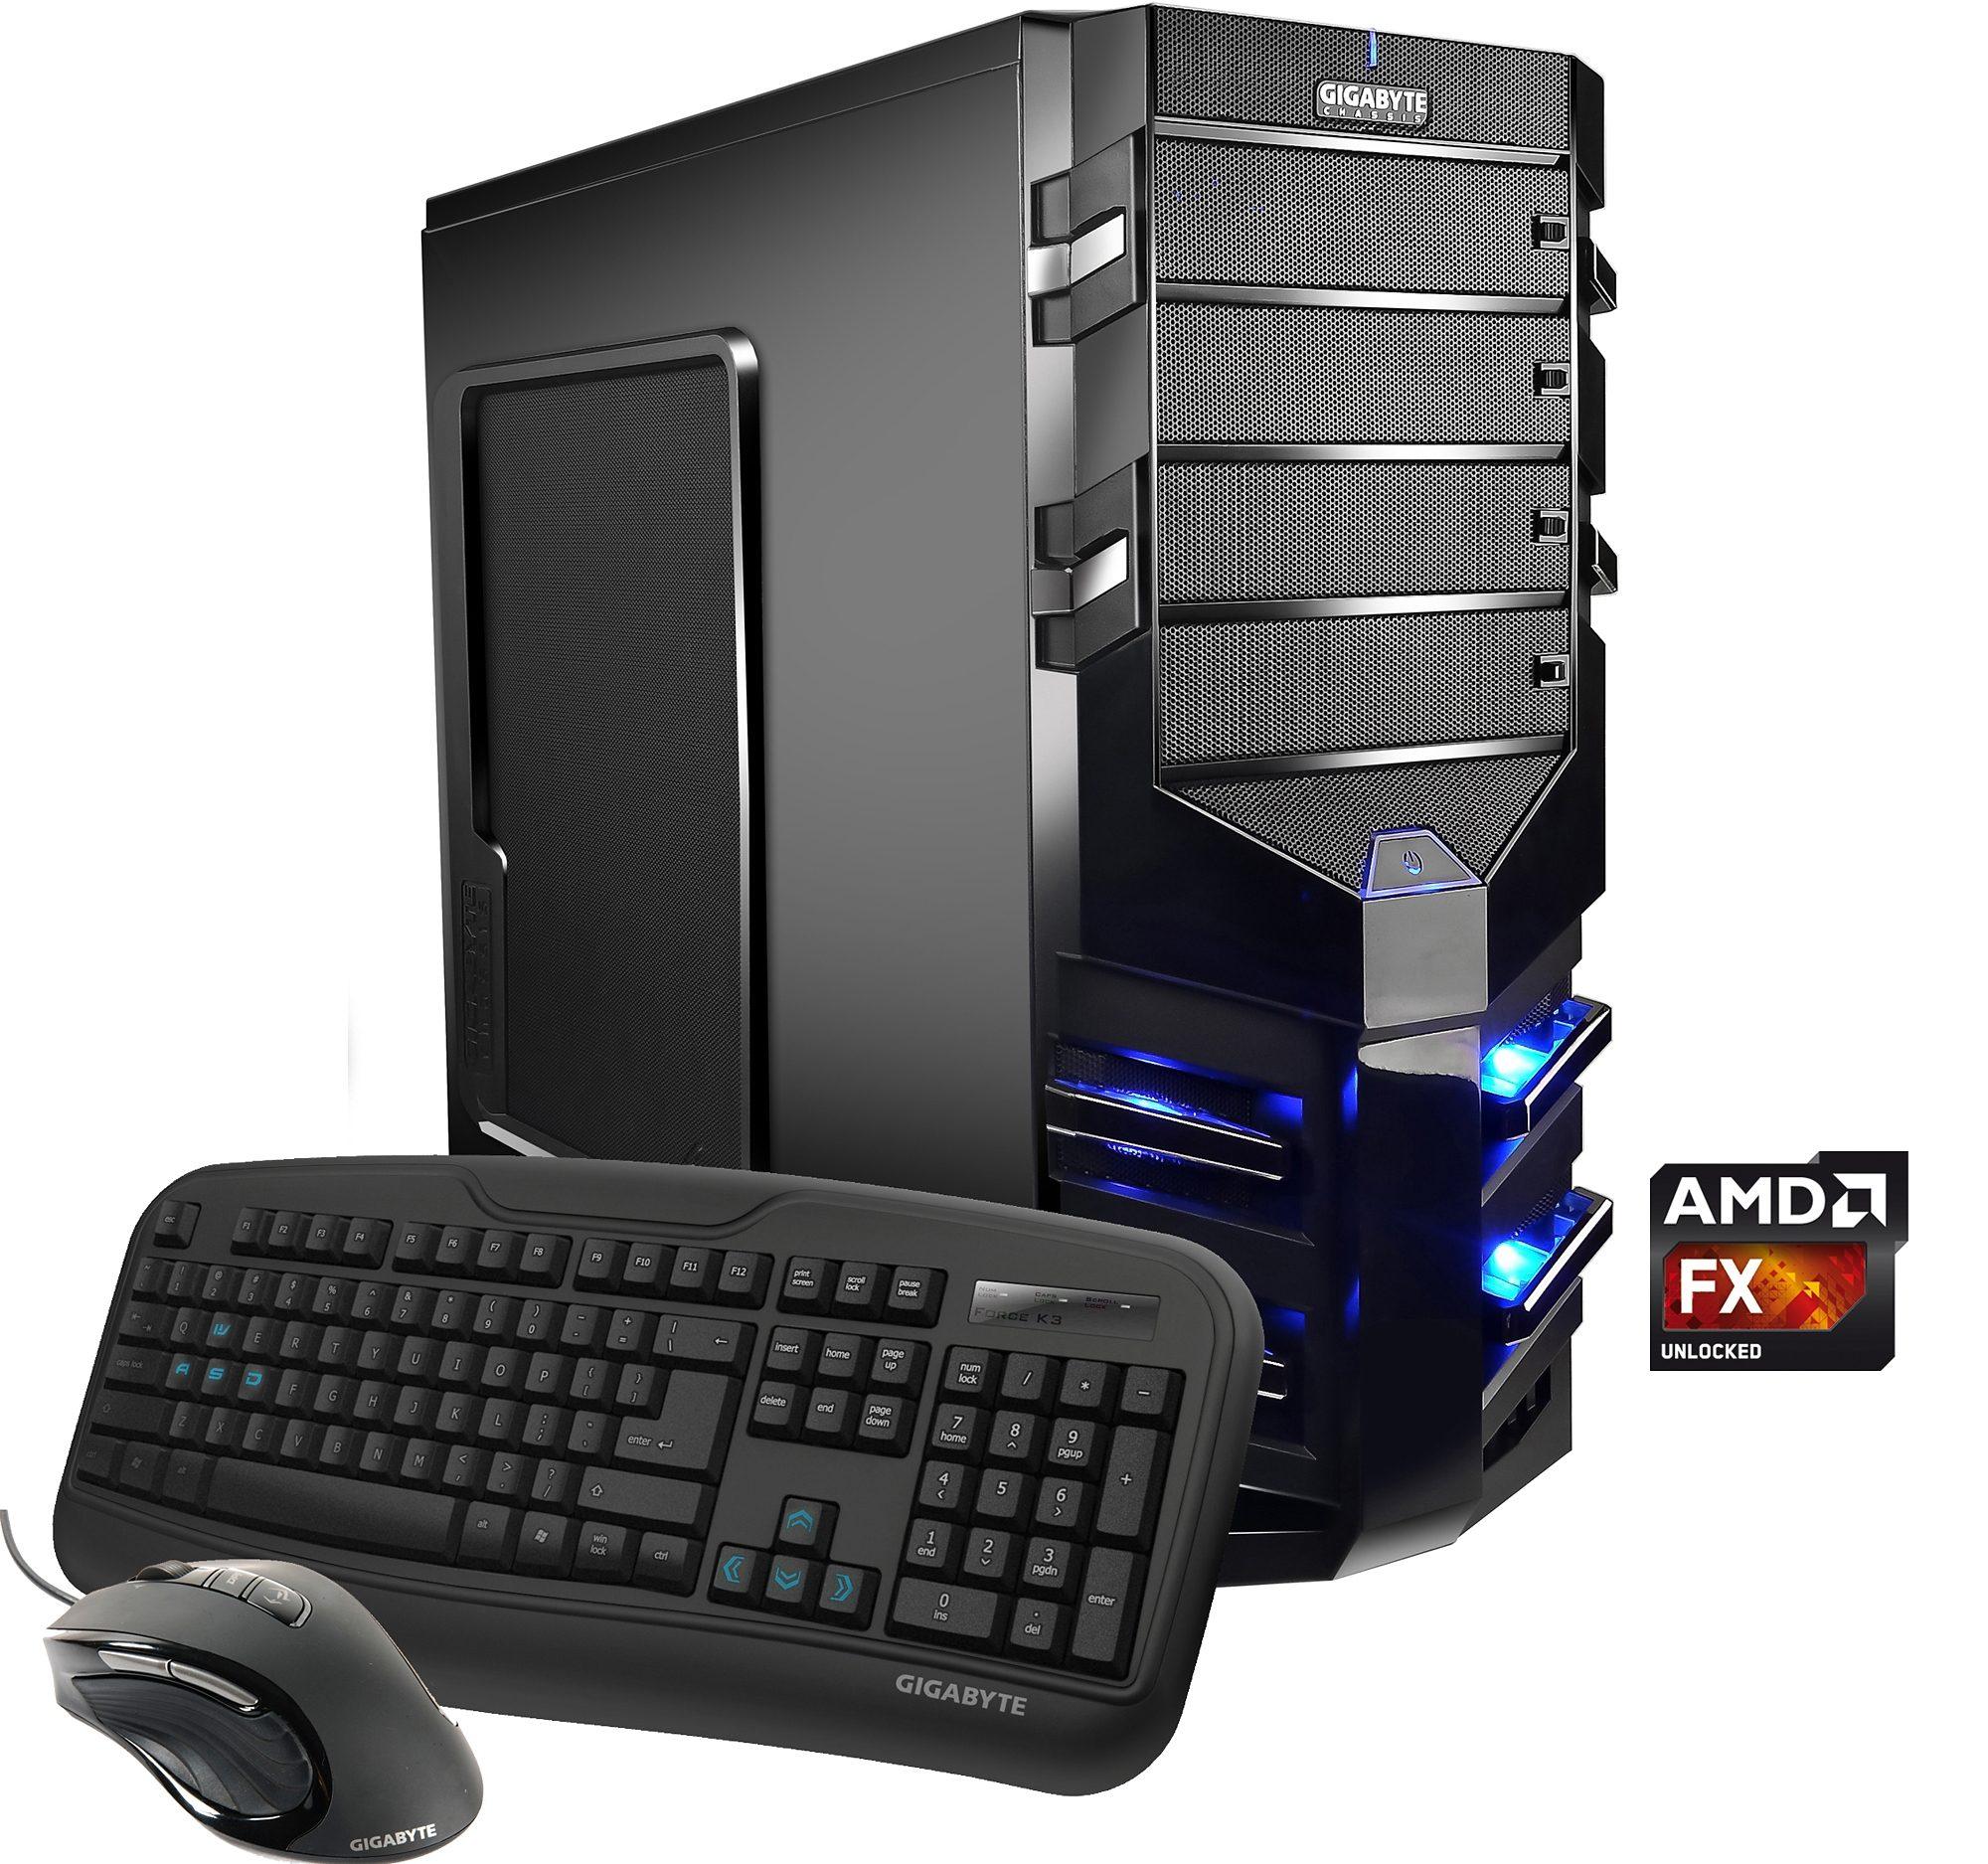 Hyrican Gaming PC AMD FX-6300, 8GB, 1TB + 120GB SSD, R7 360, Windows 10 »Alpha Gaming 4973«